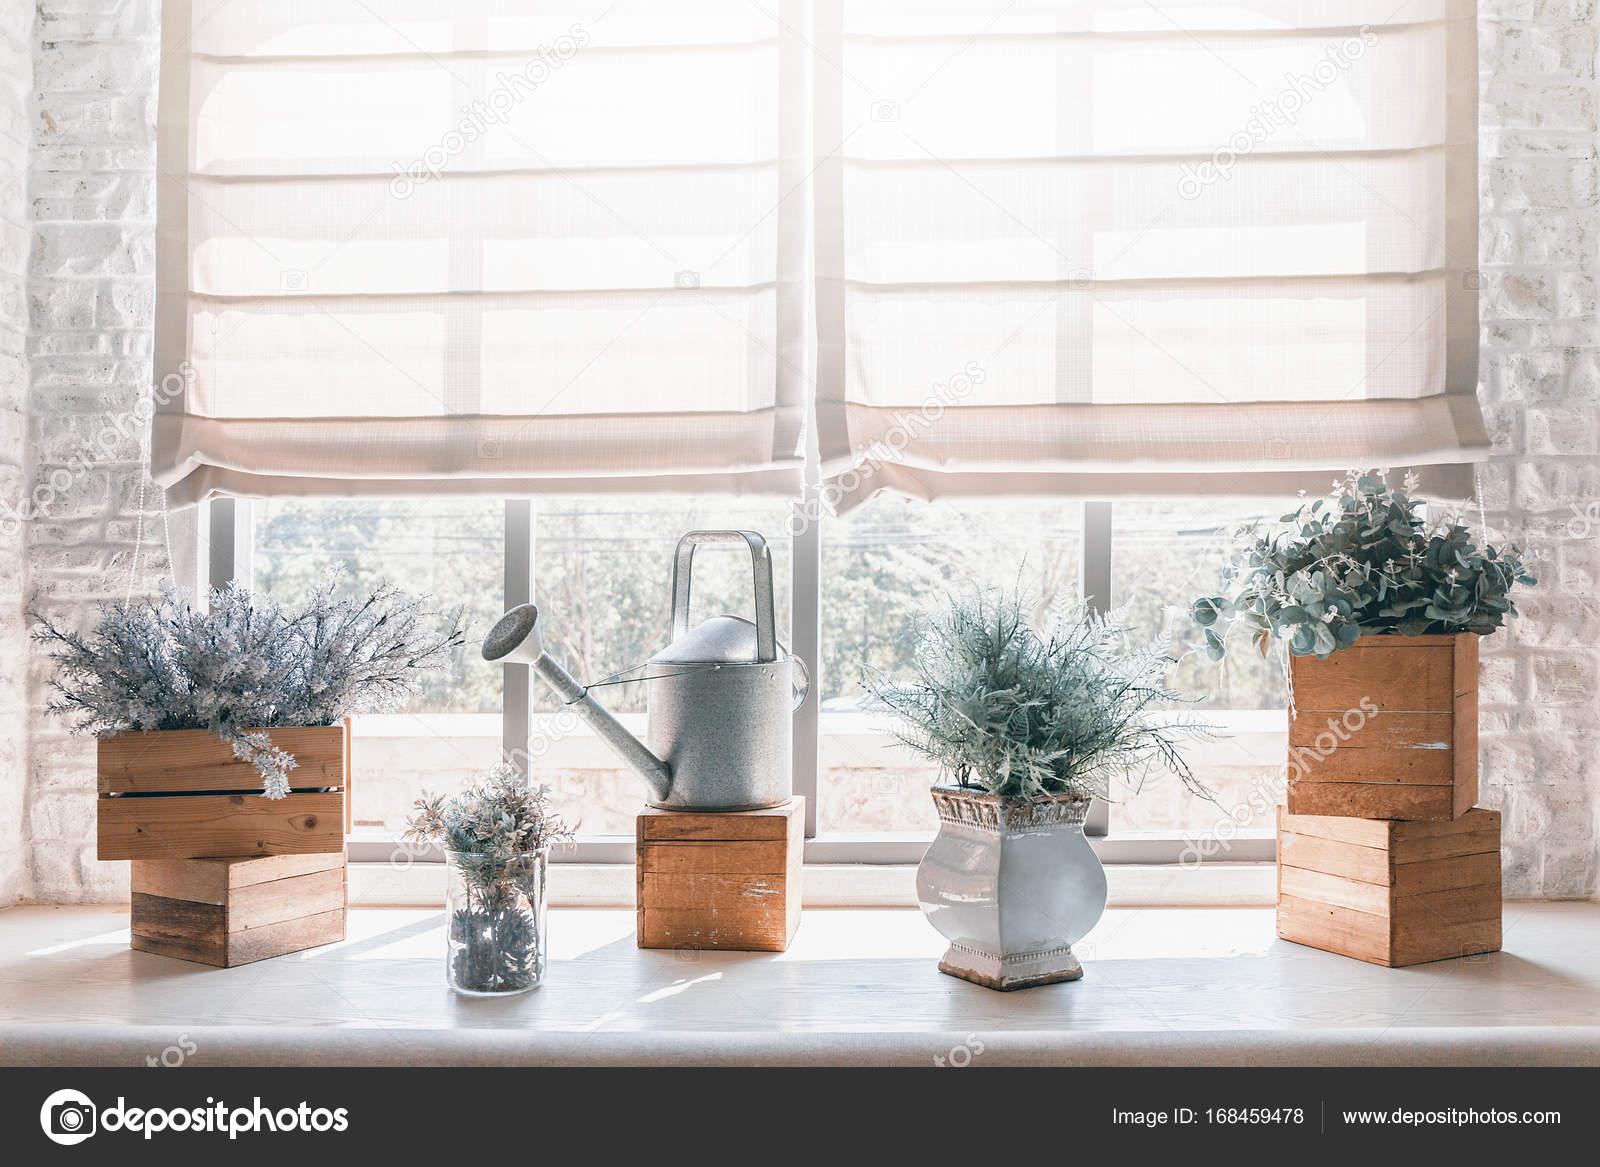 Vintage Deko Vase Mit Giesskanne Vor Fenster Stockfoto C Dumrongsak